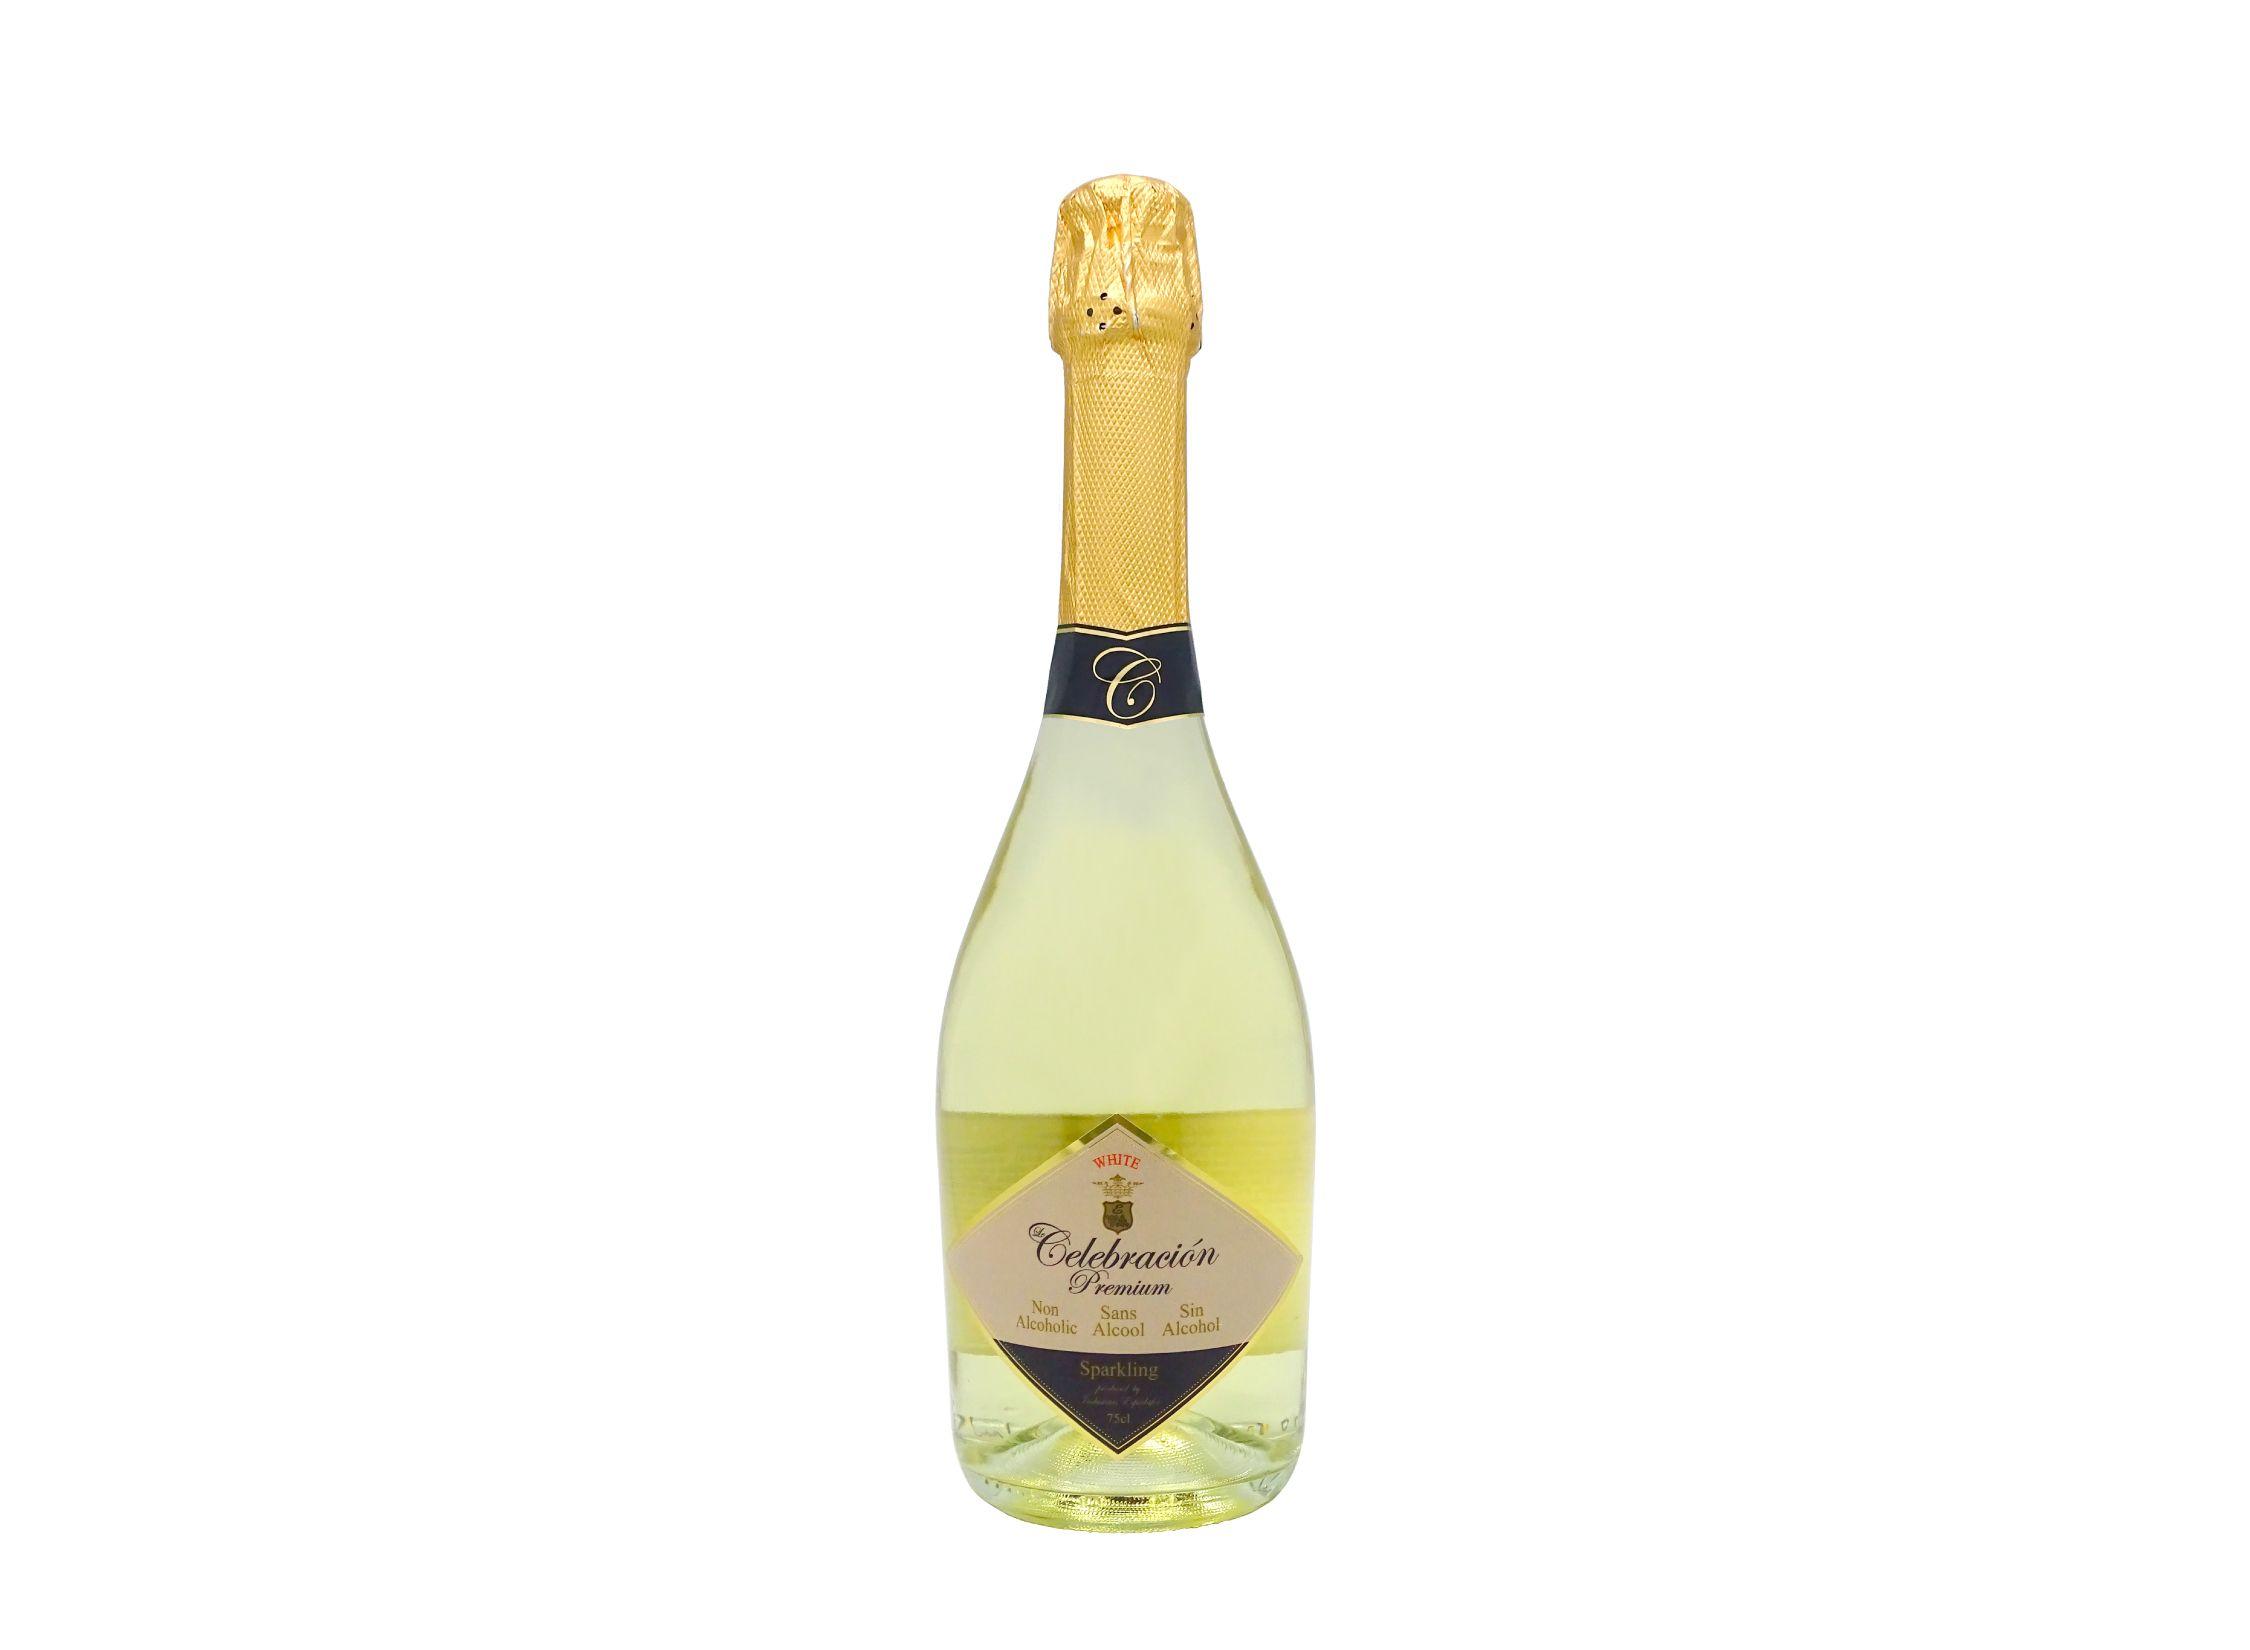 Le Celebración Premium White, bebida espumosa sin alcohol de 75cl ideal para celebraciones especiales